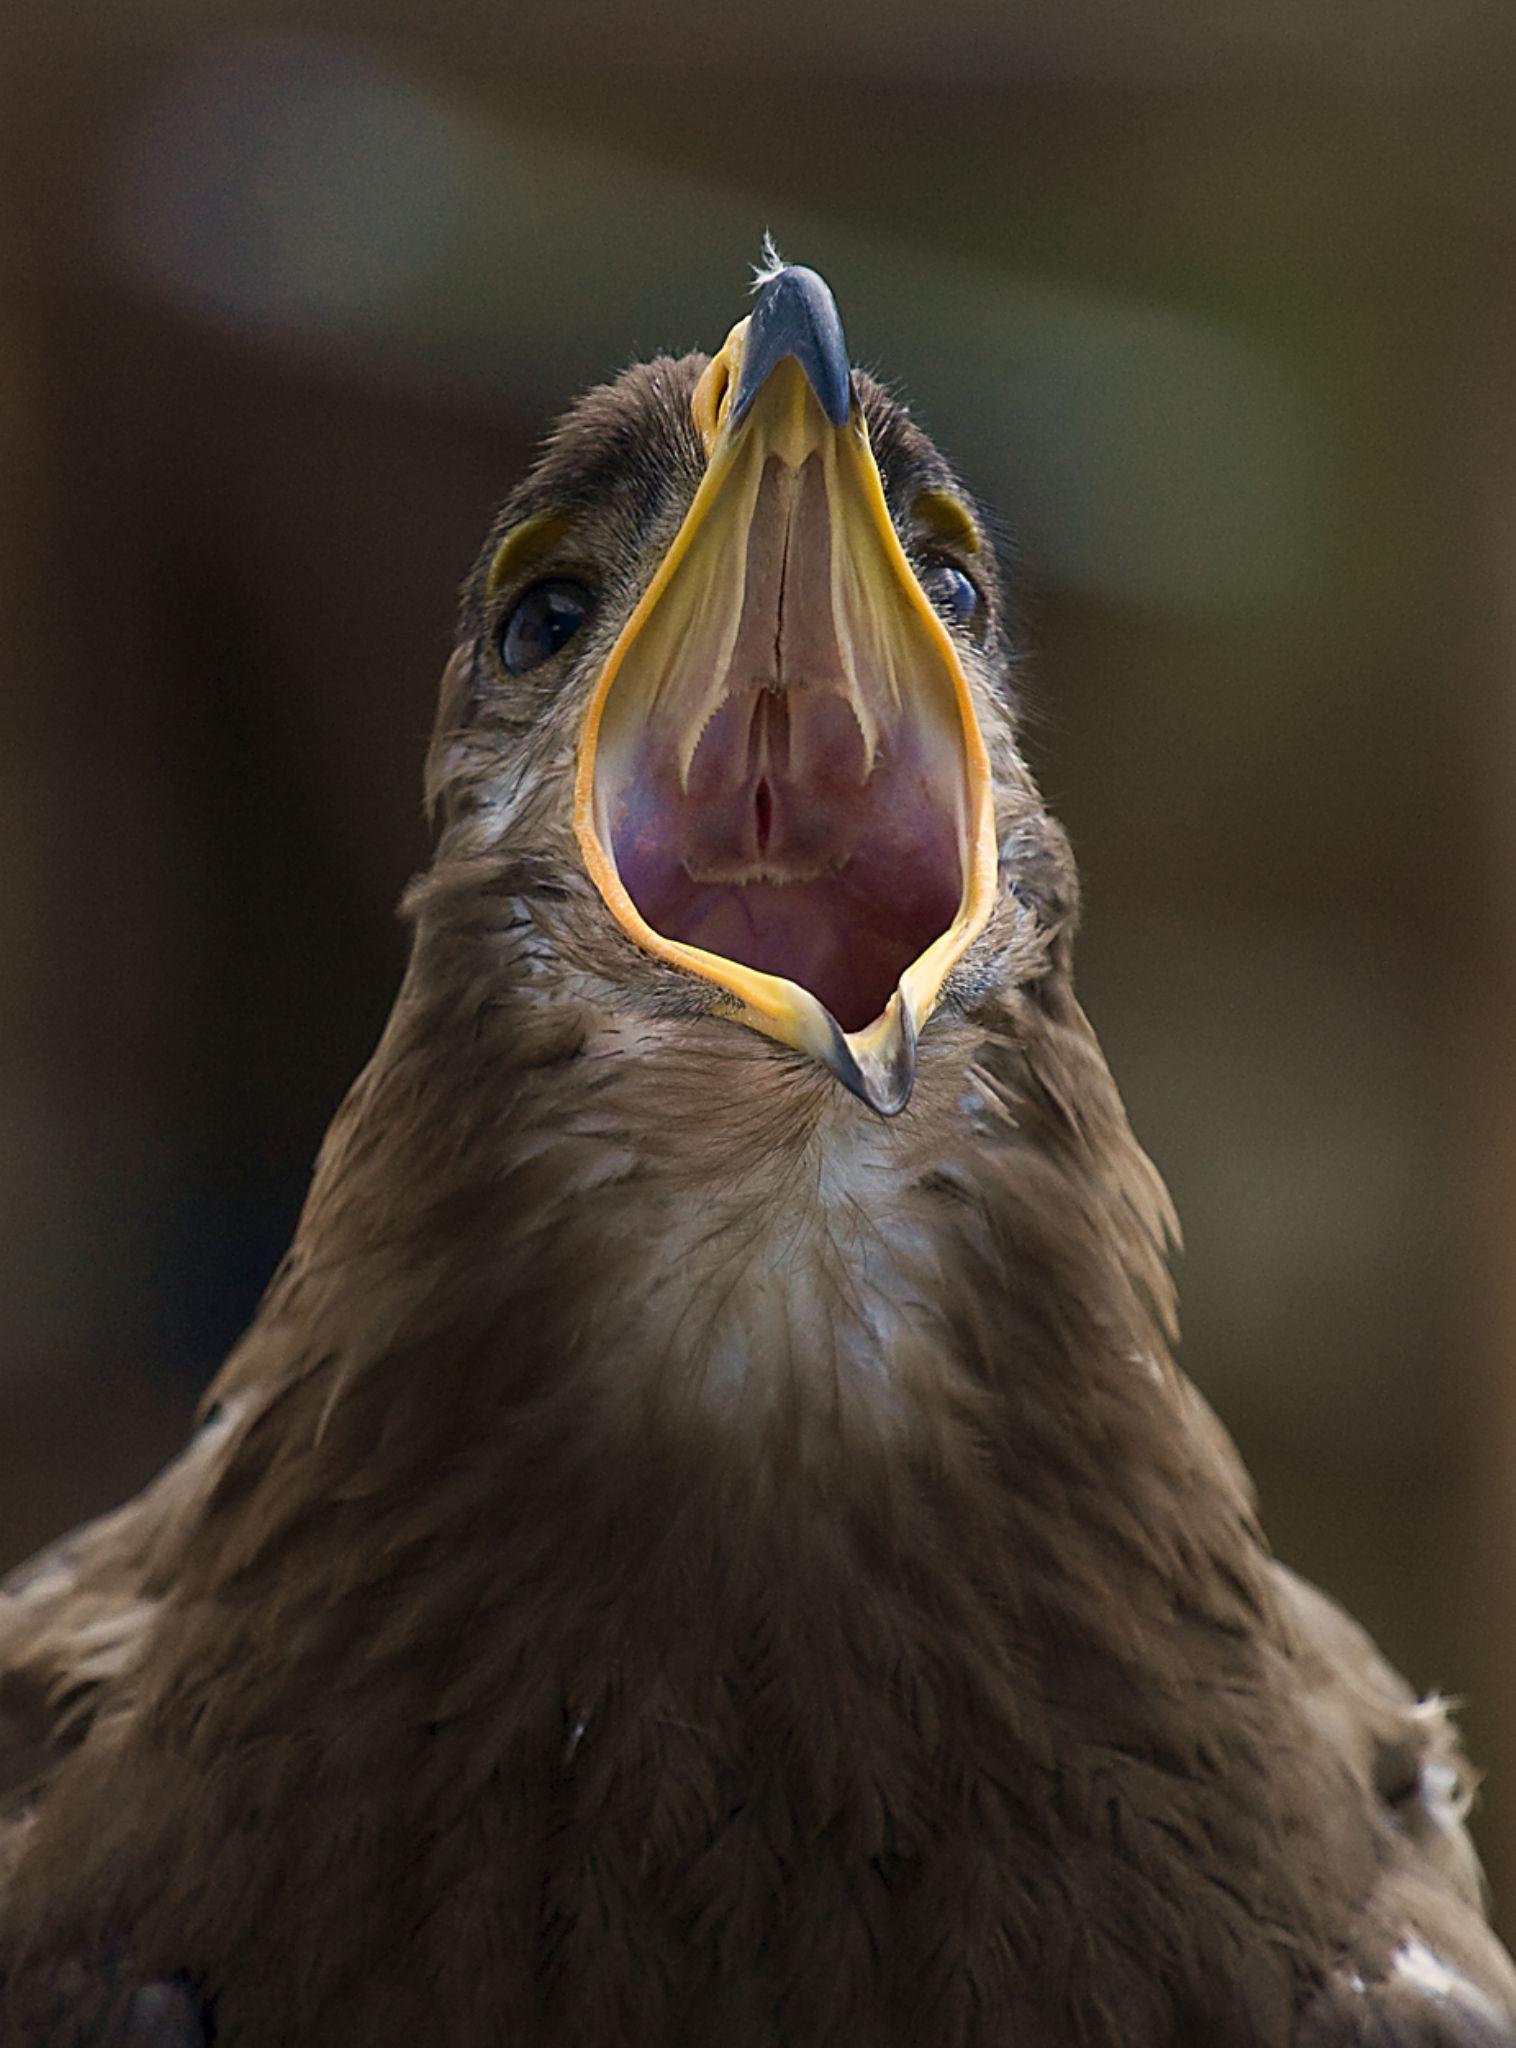 Screaming Steppe eagle by Kaje